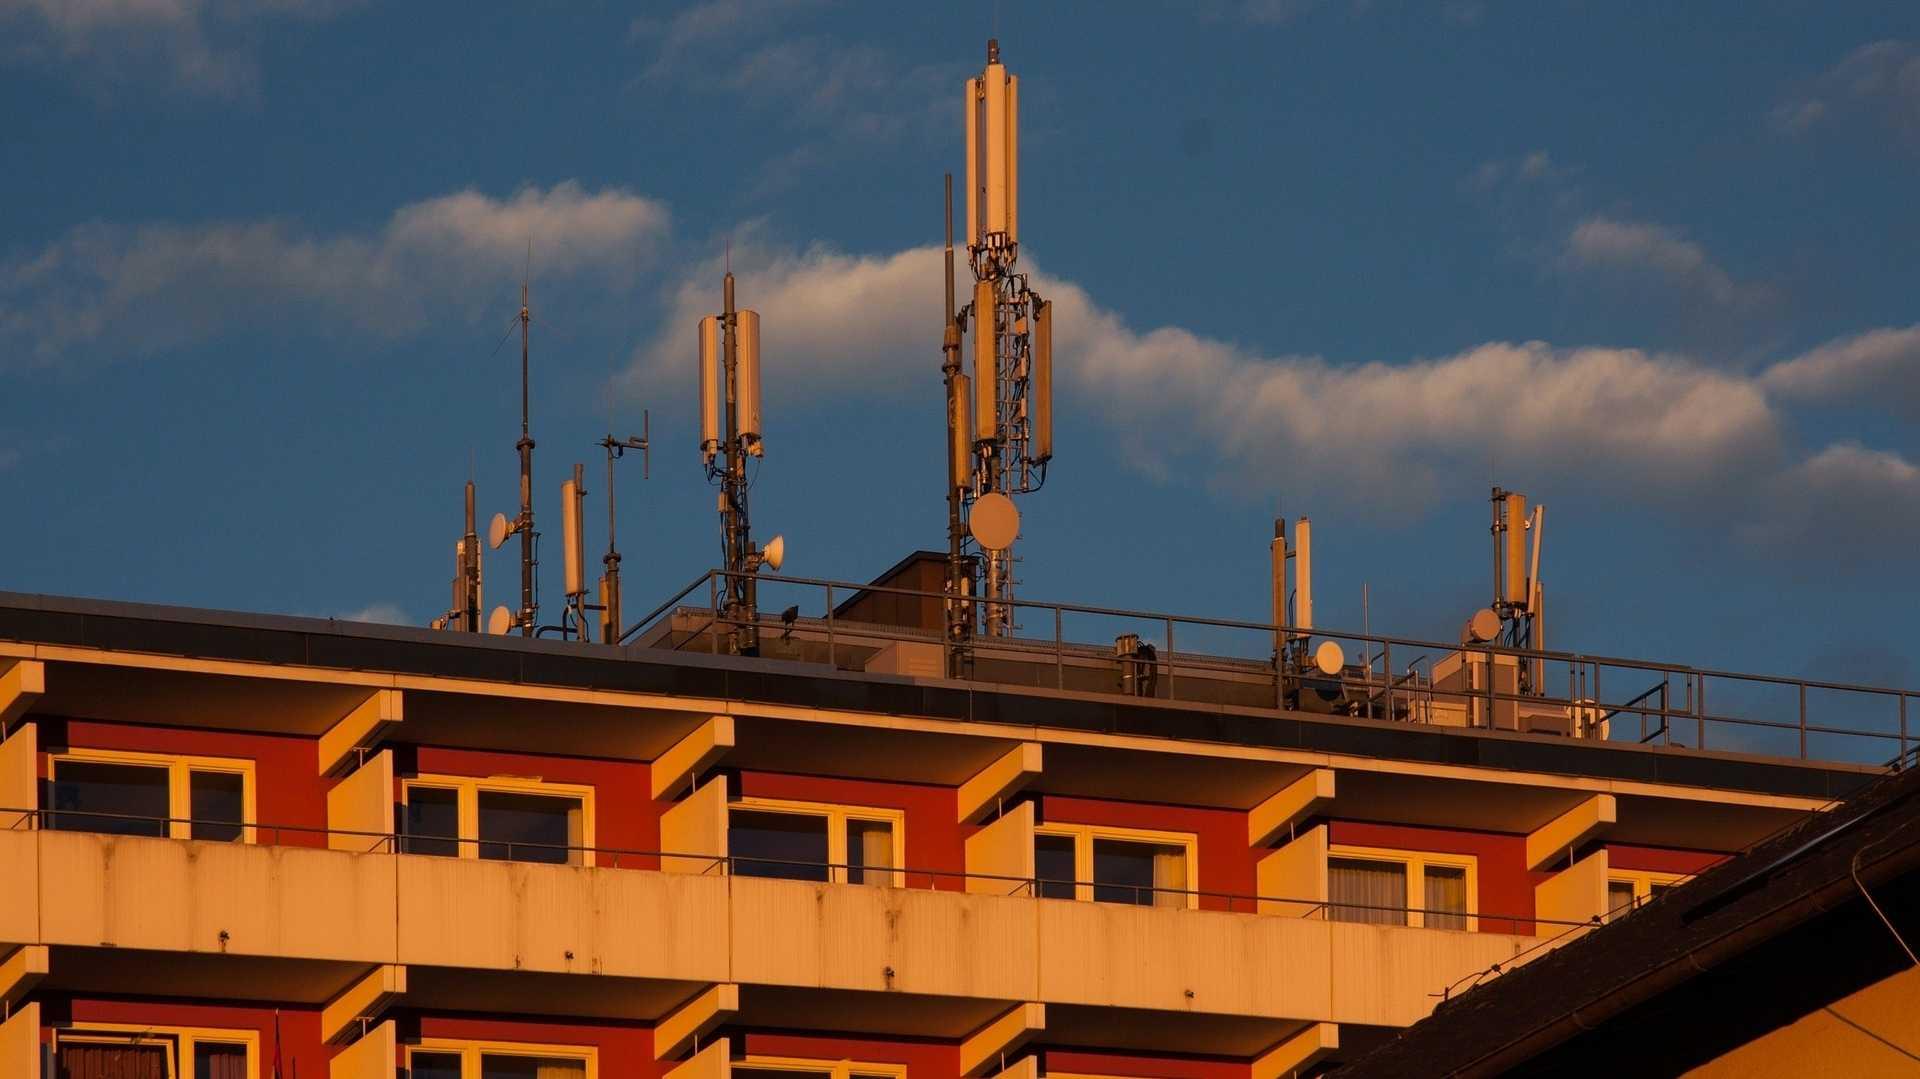 Mobilfunkabdeckung: CSU plant Ausbau durch staatliche Infrastrukturgesellschaft